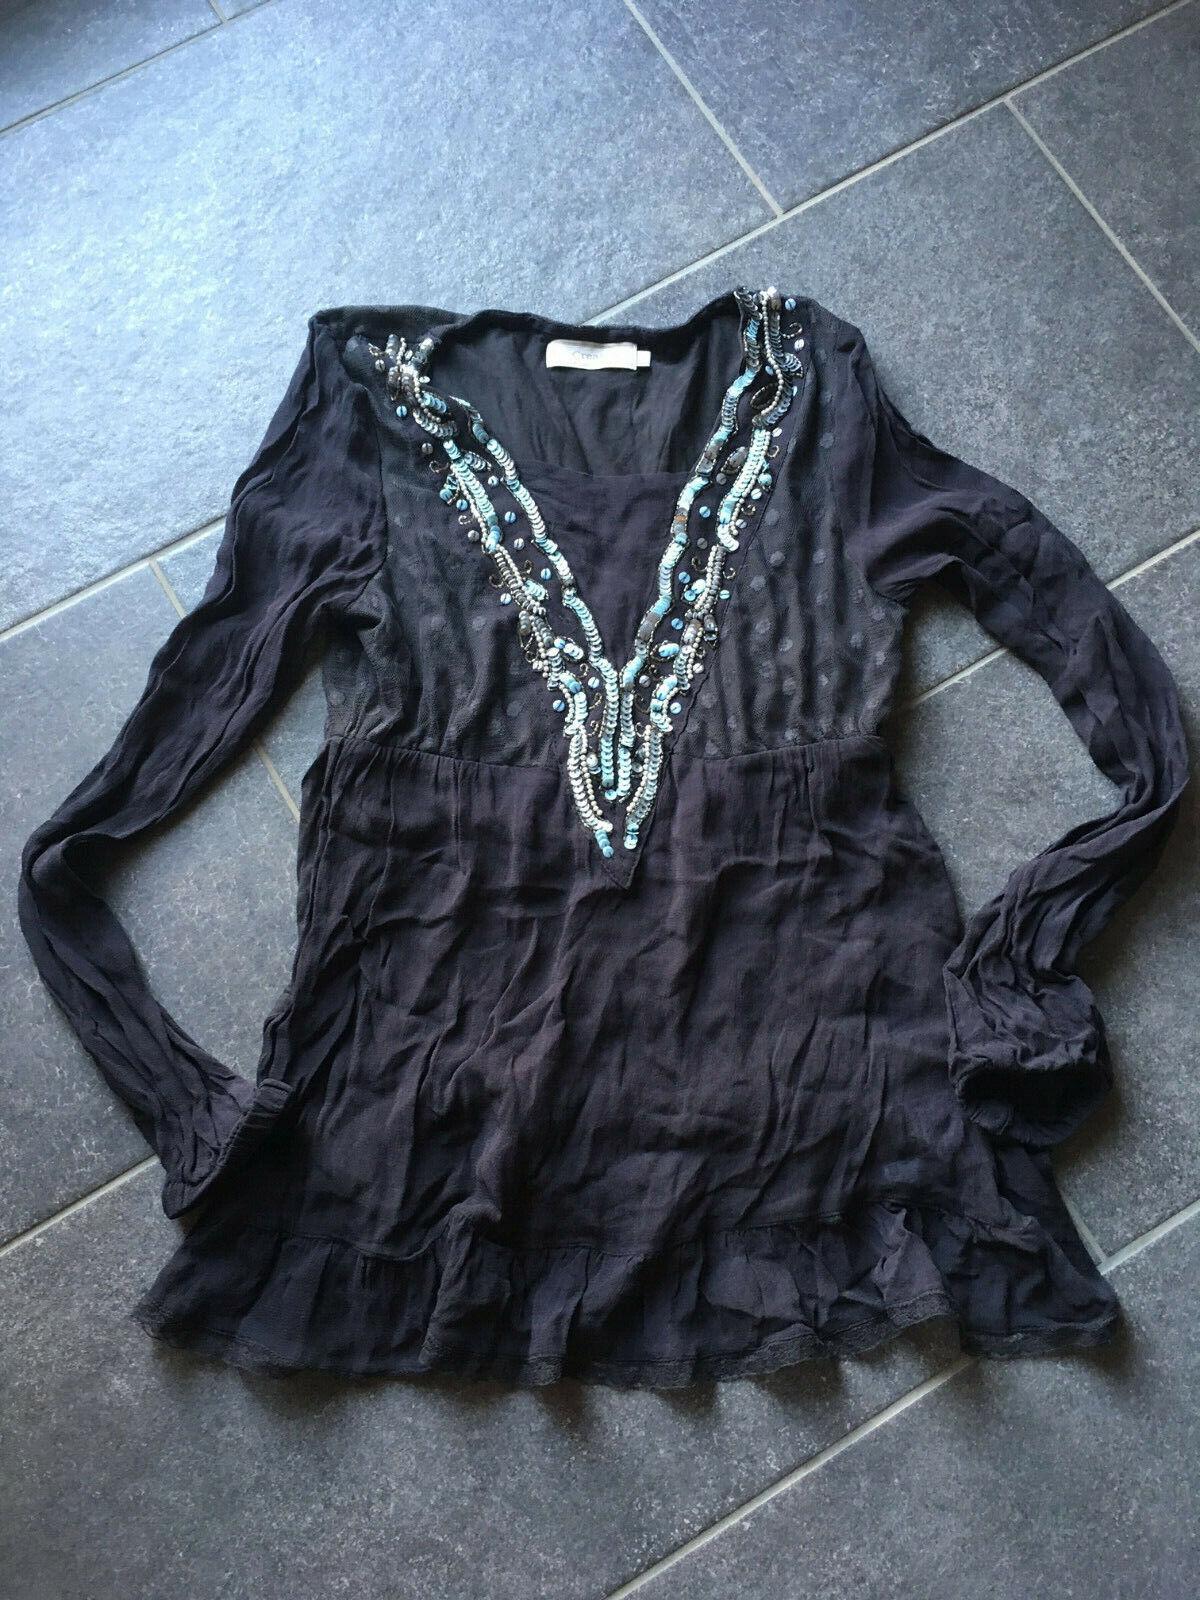 Superschöne neueTunika/Bluse von CREAM Gr. S 34/36 Boho Style schwarz